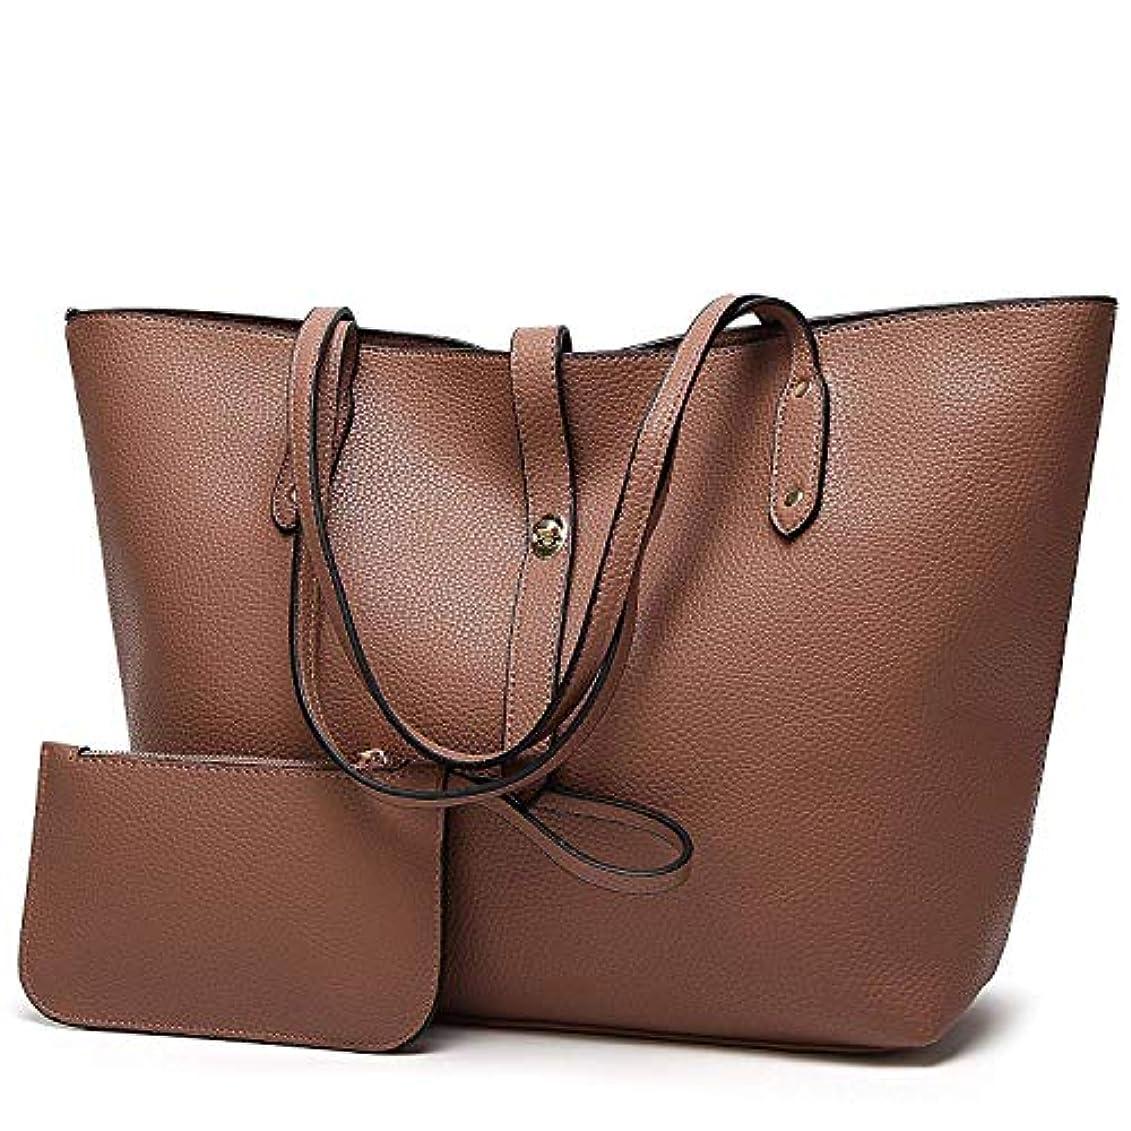 招待動物プレビュー[TcIFE] ハンドバッグ レディース トートバッグ 大容量 無地 ショルダーバッグ 2way 財布とハンドバッグ